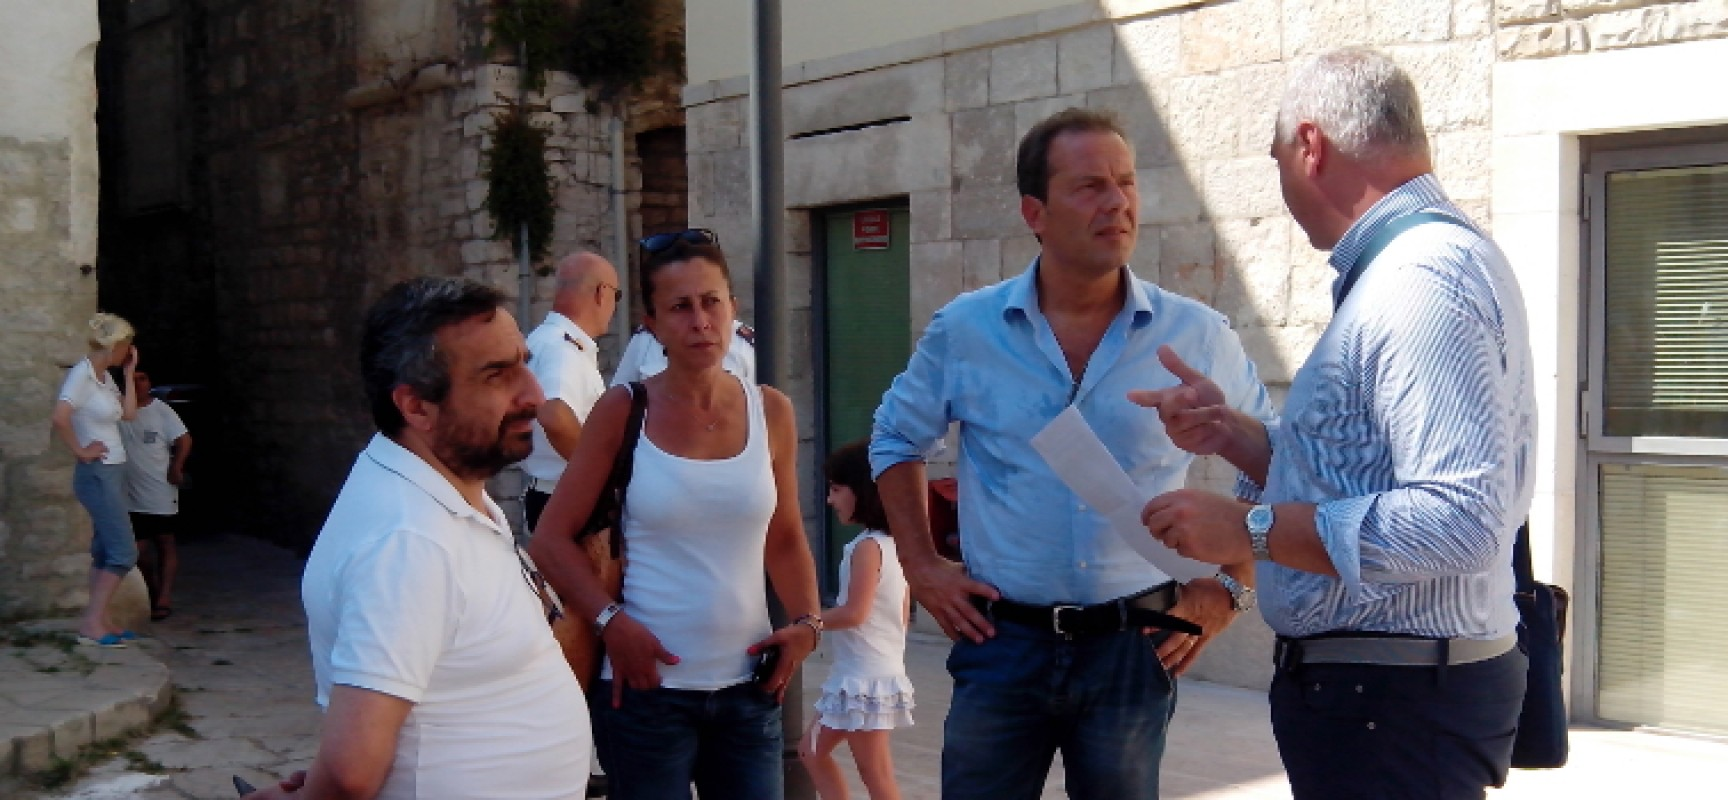 80 profughi ospitati a Bisceglie / Intervista AUDIO al Sindaco Francesco Spina / FOTO